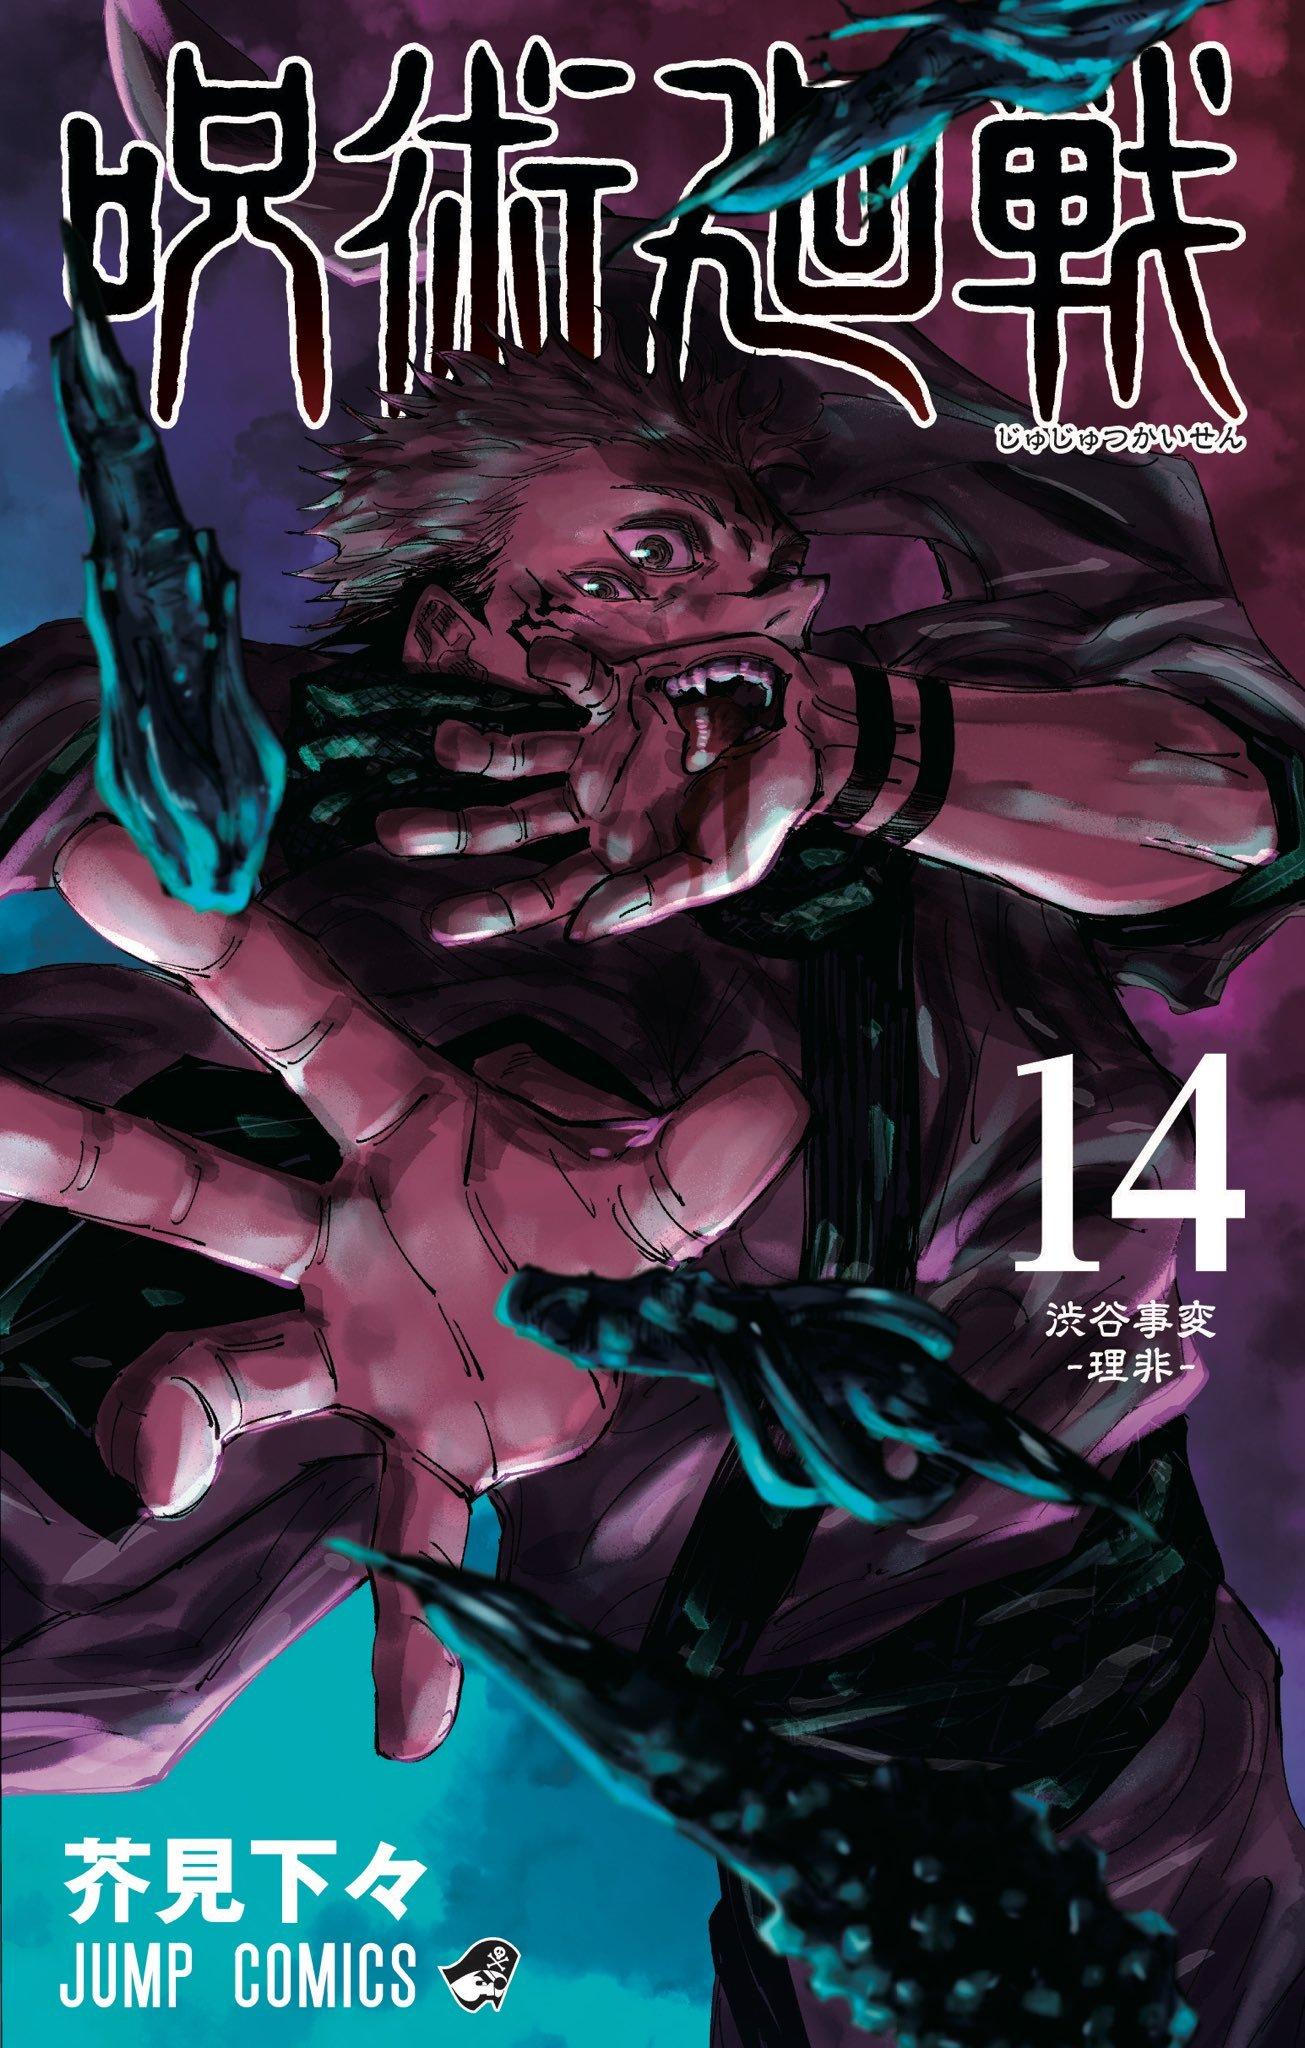 Shonen Jump News Unofficial On Twitter Jujutsu Kaisen Volume 14 Cover